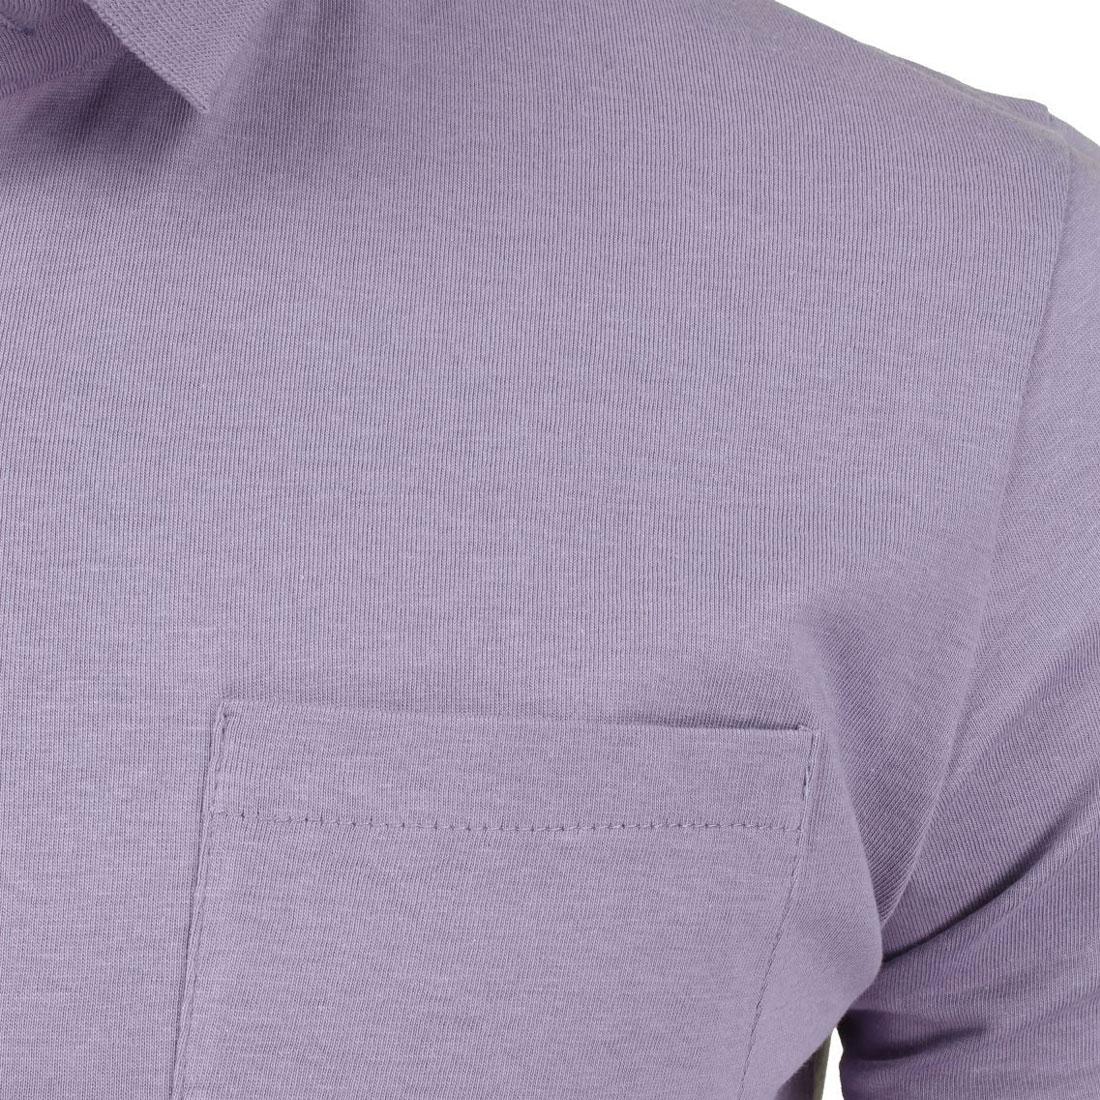 Brave-Soul-Hommes-Polo-T-Shirt-034-Julius-039-S-Coton-A-Col-Manches-Courtes-Haut-Decontracte miniature 11